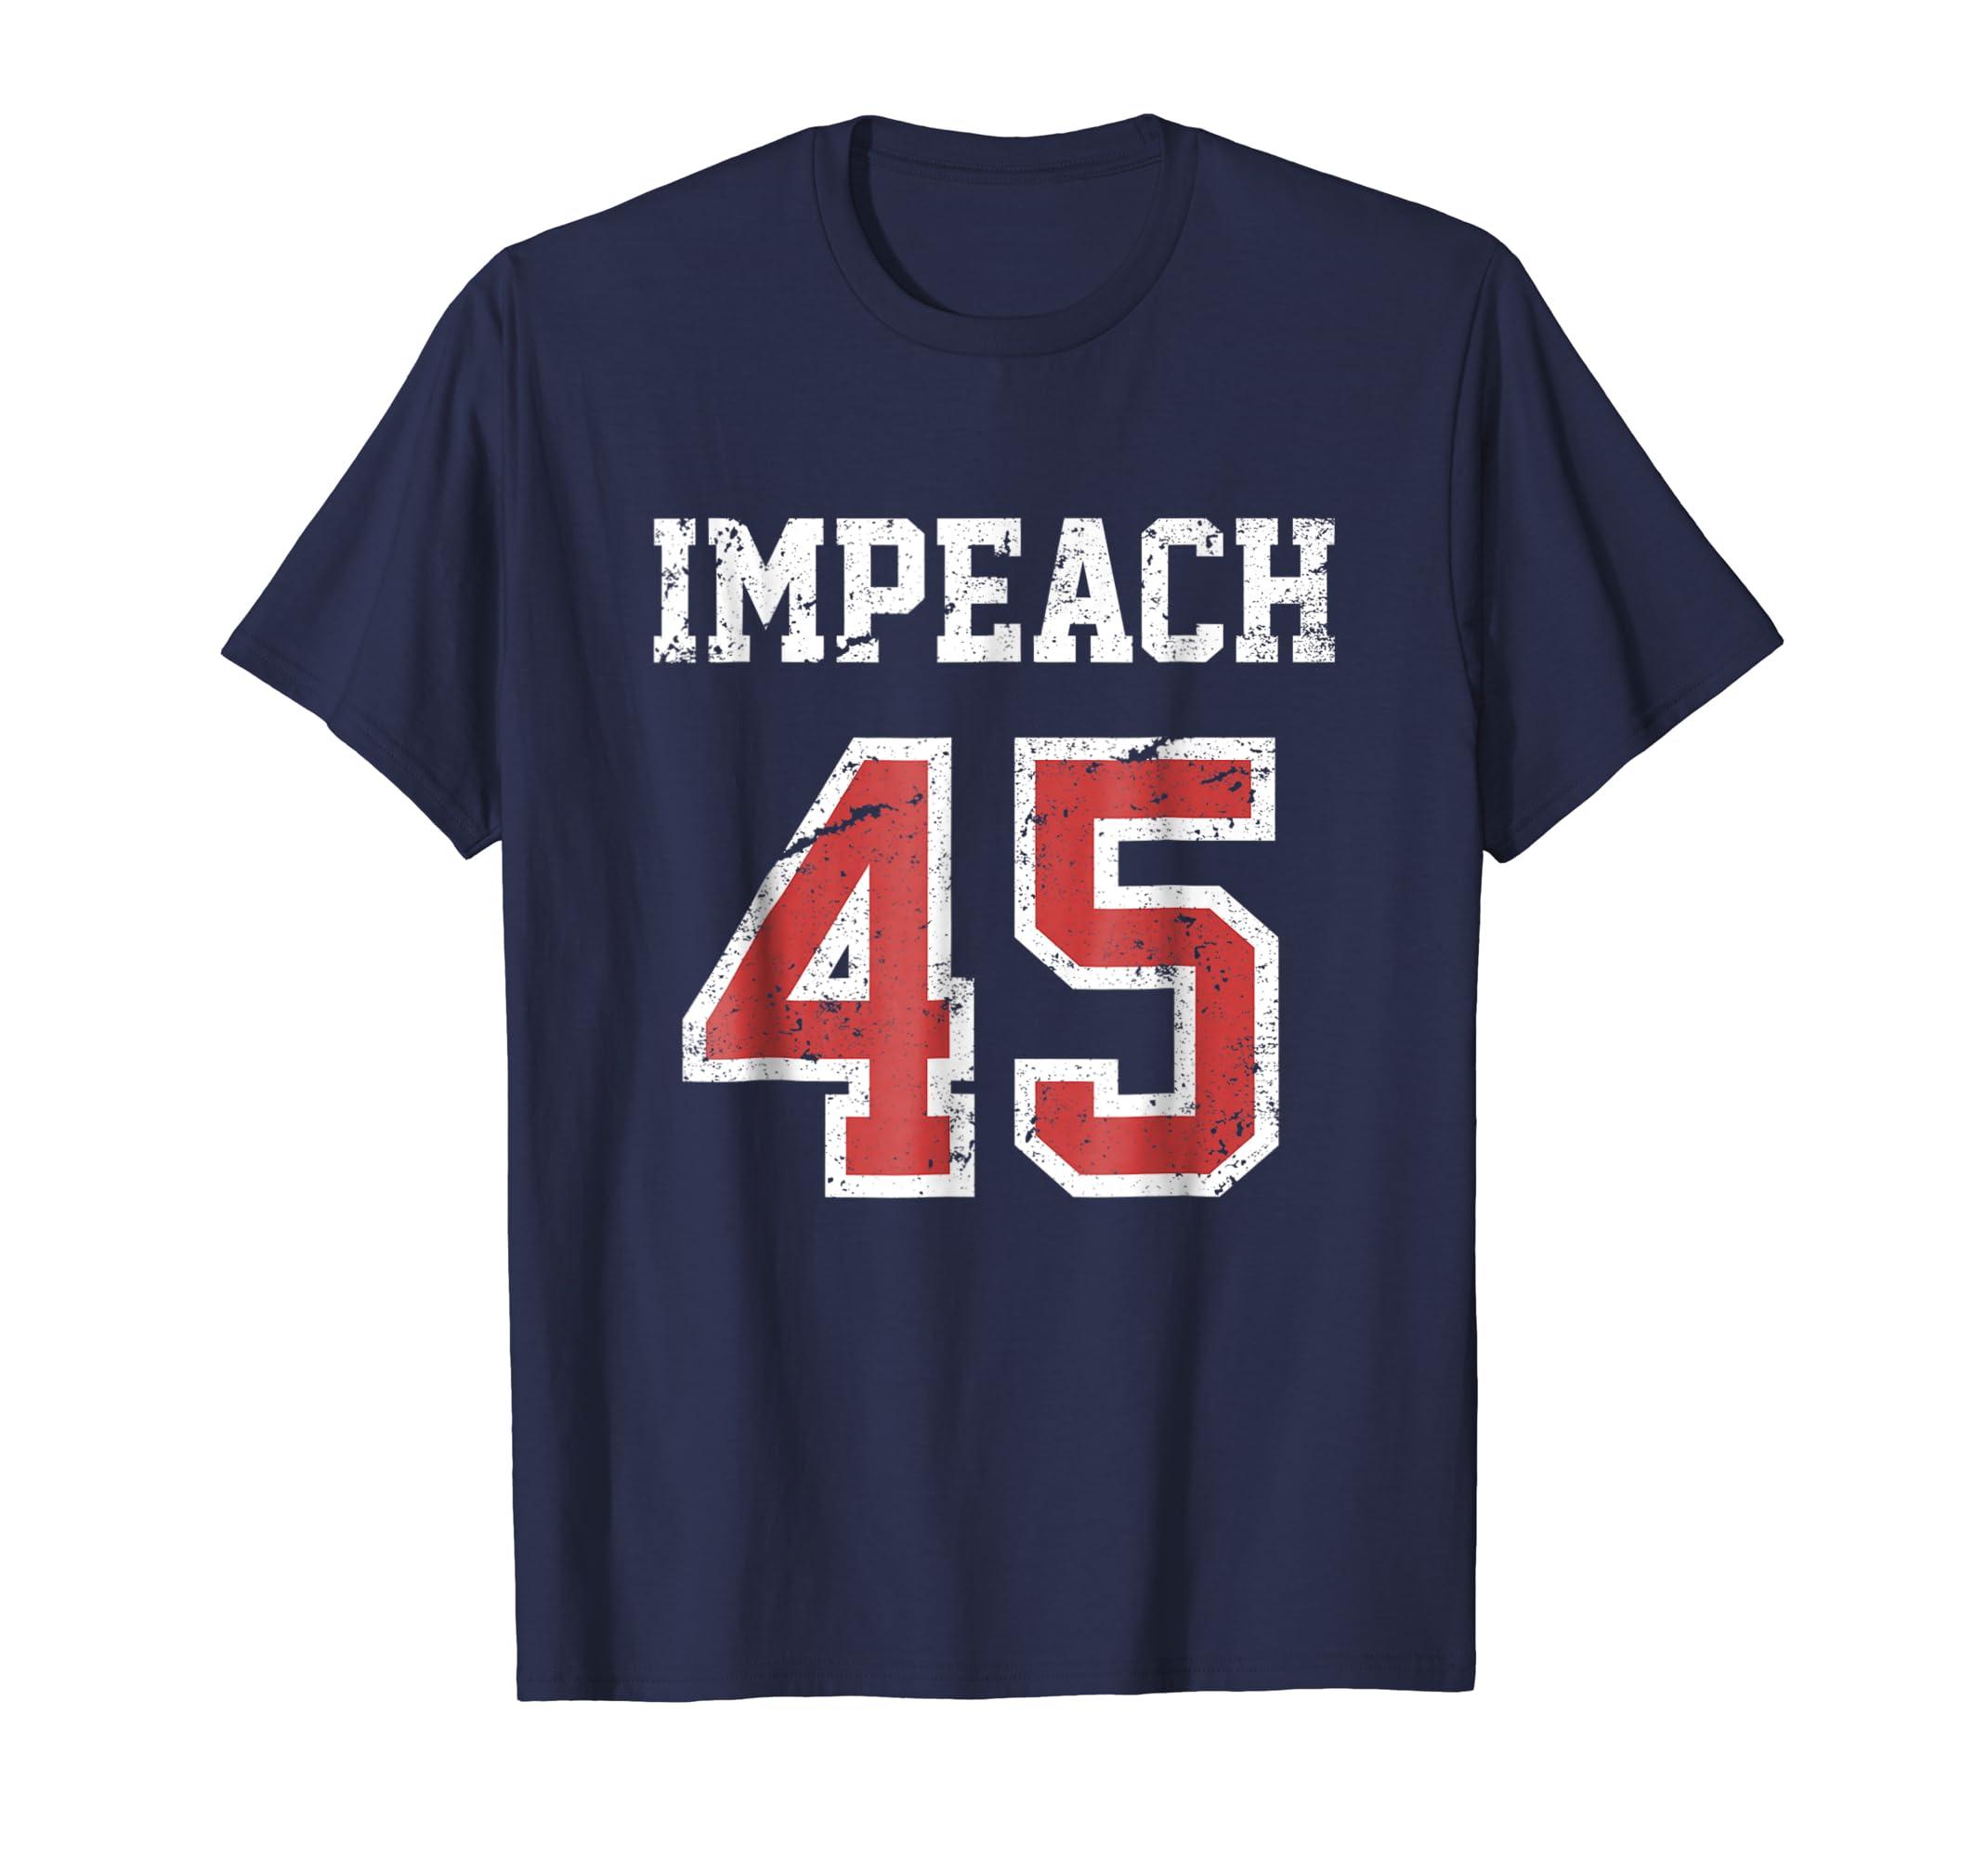 Impeach 45 T-Shirt Team Impeach Trump Vintage-ln